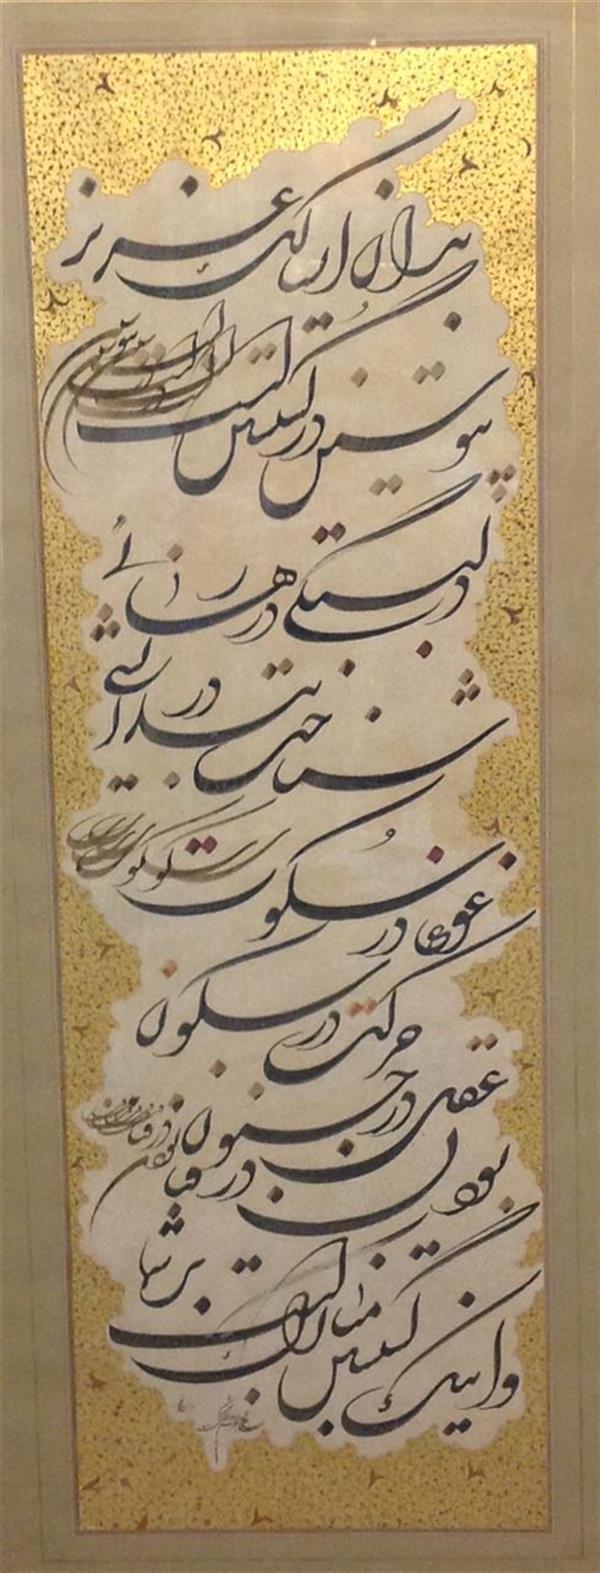 هنر خوشنویسی محفل خوشنویسی حبیب اله برزجان عنوان:ای سالک عزیز #80×200#شکسته نستعلیق#مرکب وکاغذ#با تذهیب #تراش معکوس قلم#با قاب